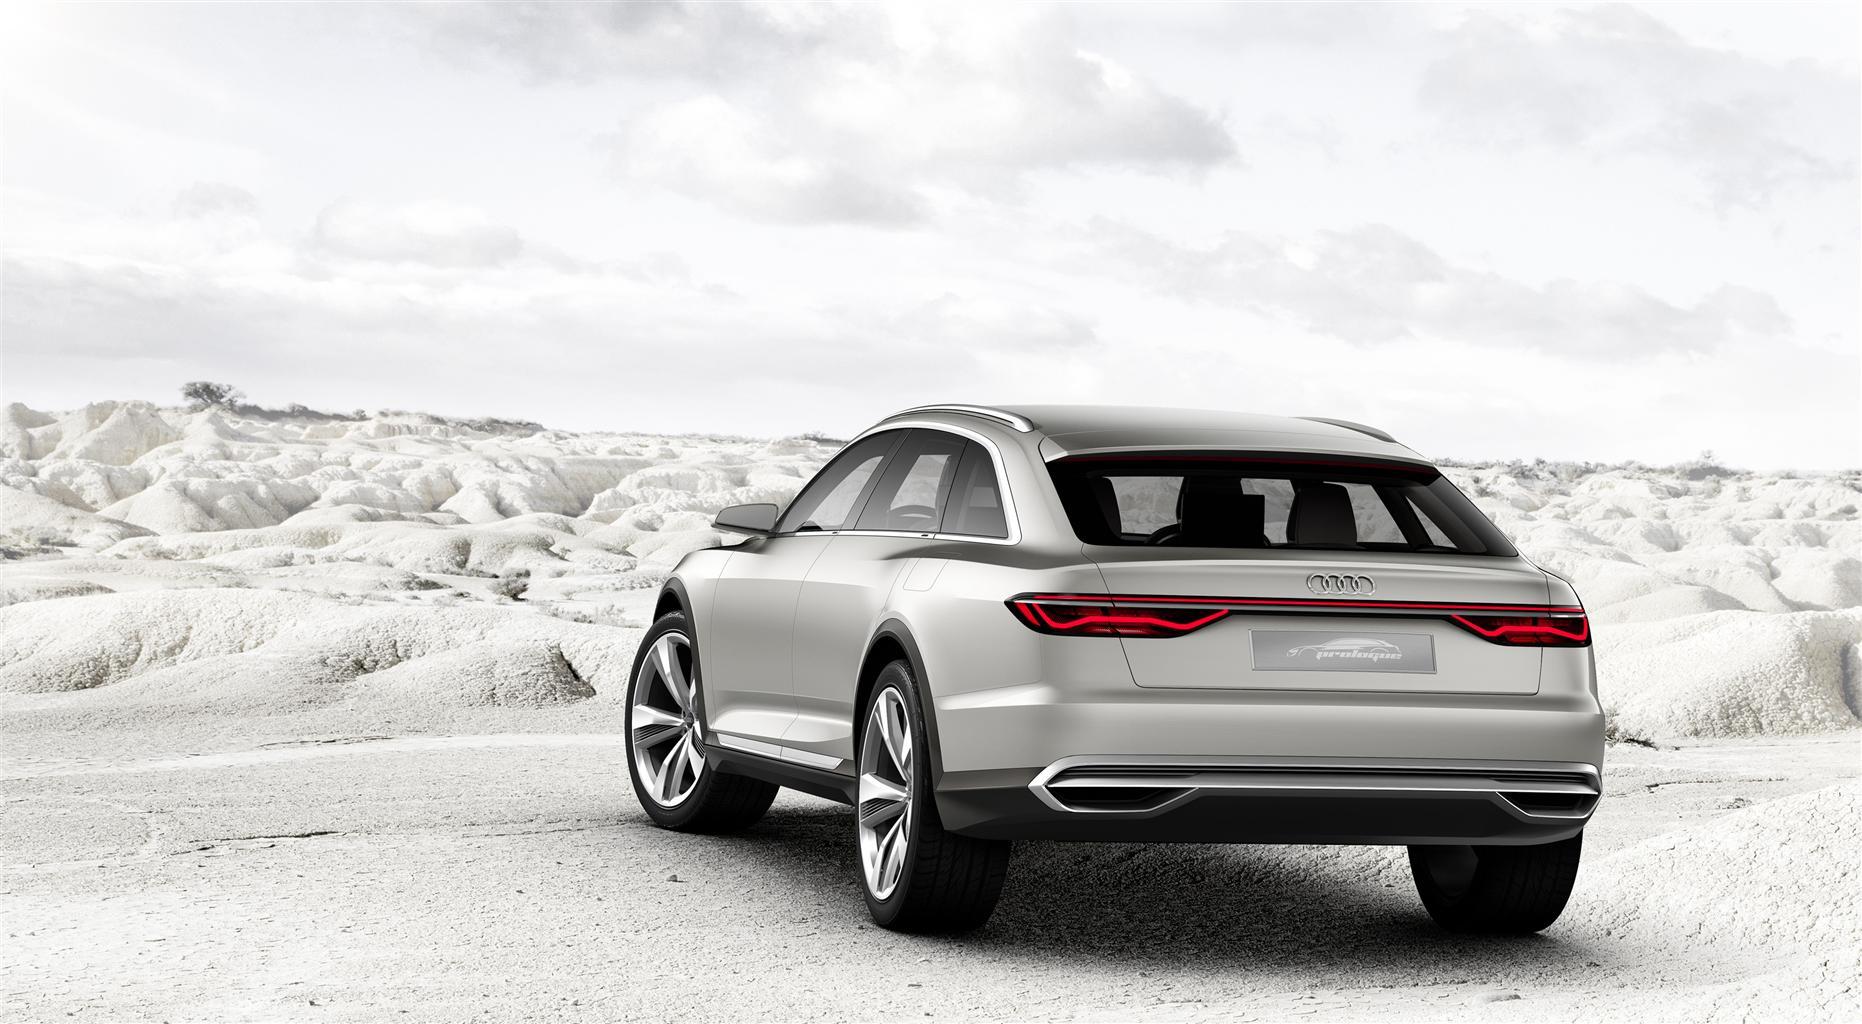 Show car Audi prologue allroad